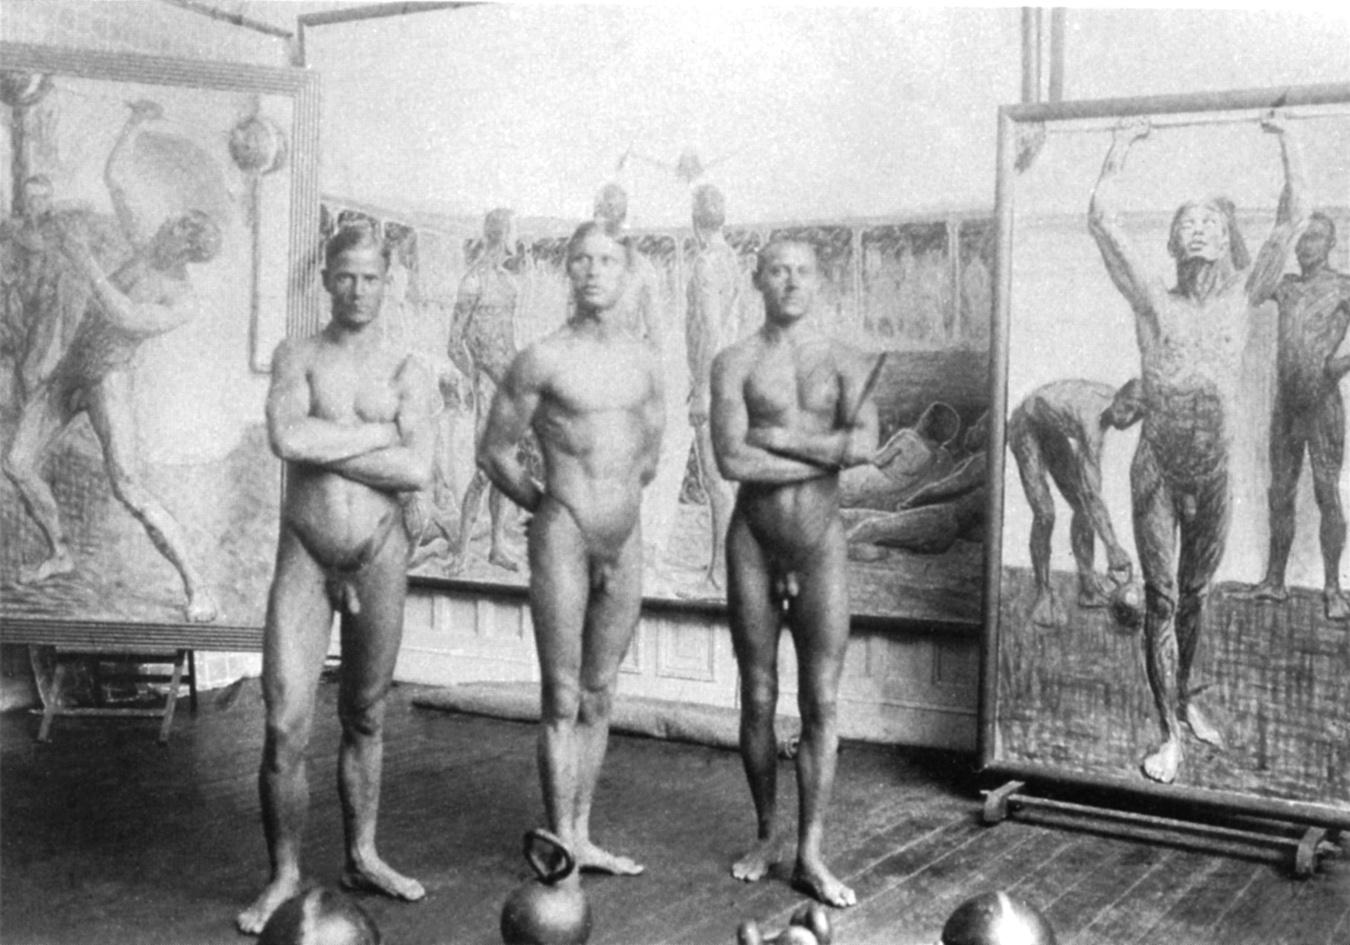 Tre atleti in posa nell'atelier di Eugène Jansson (1911 ca)